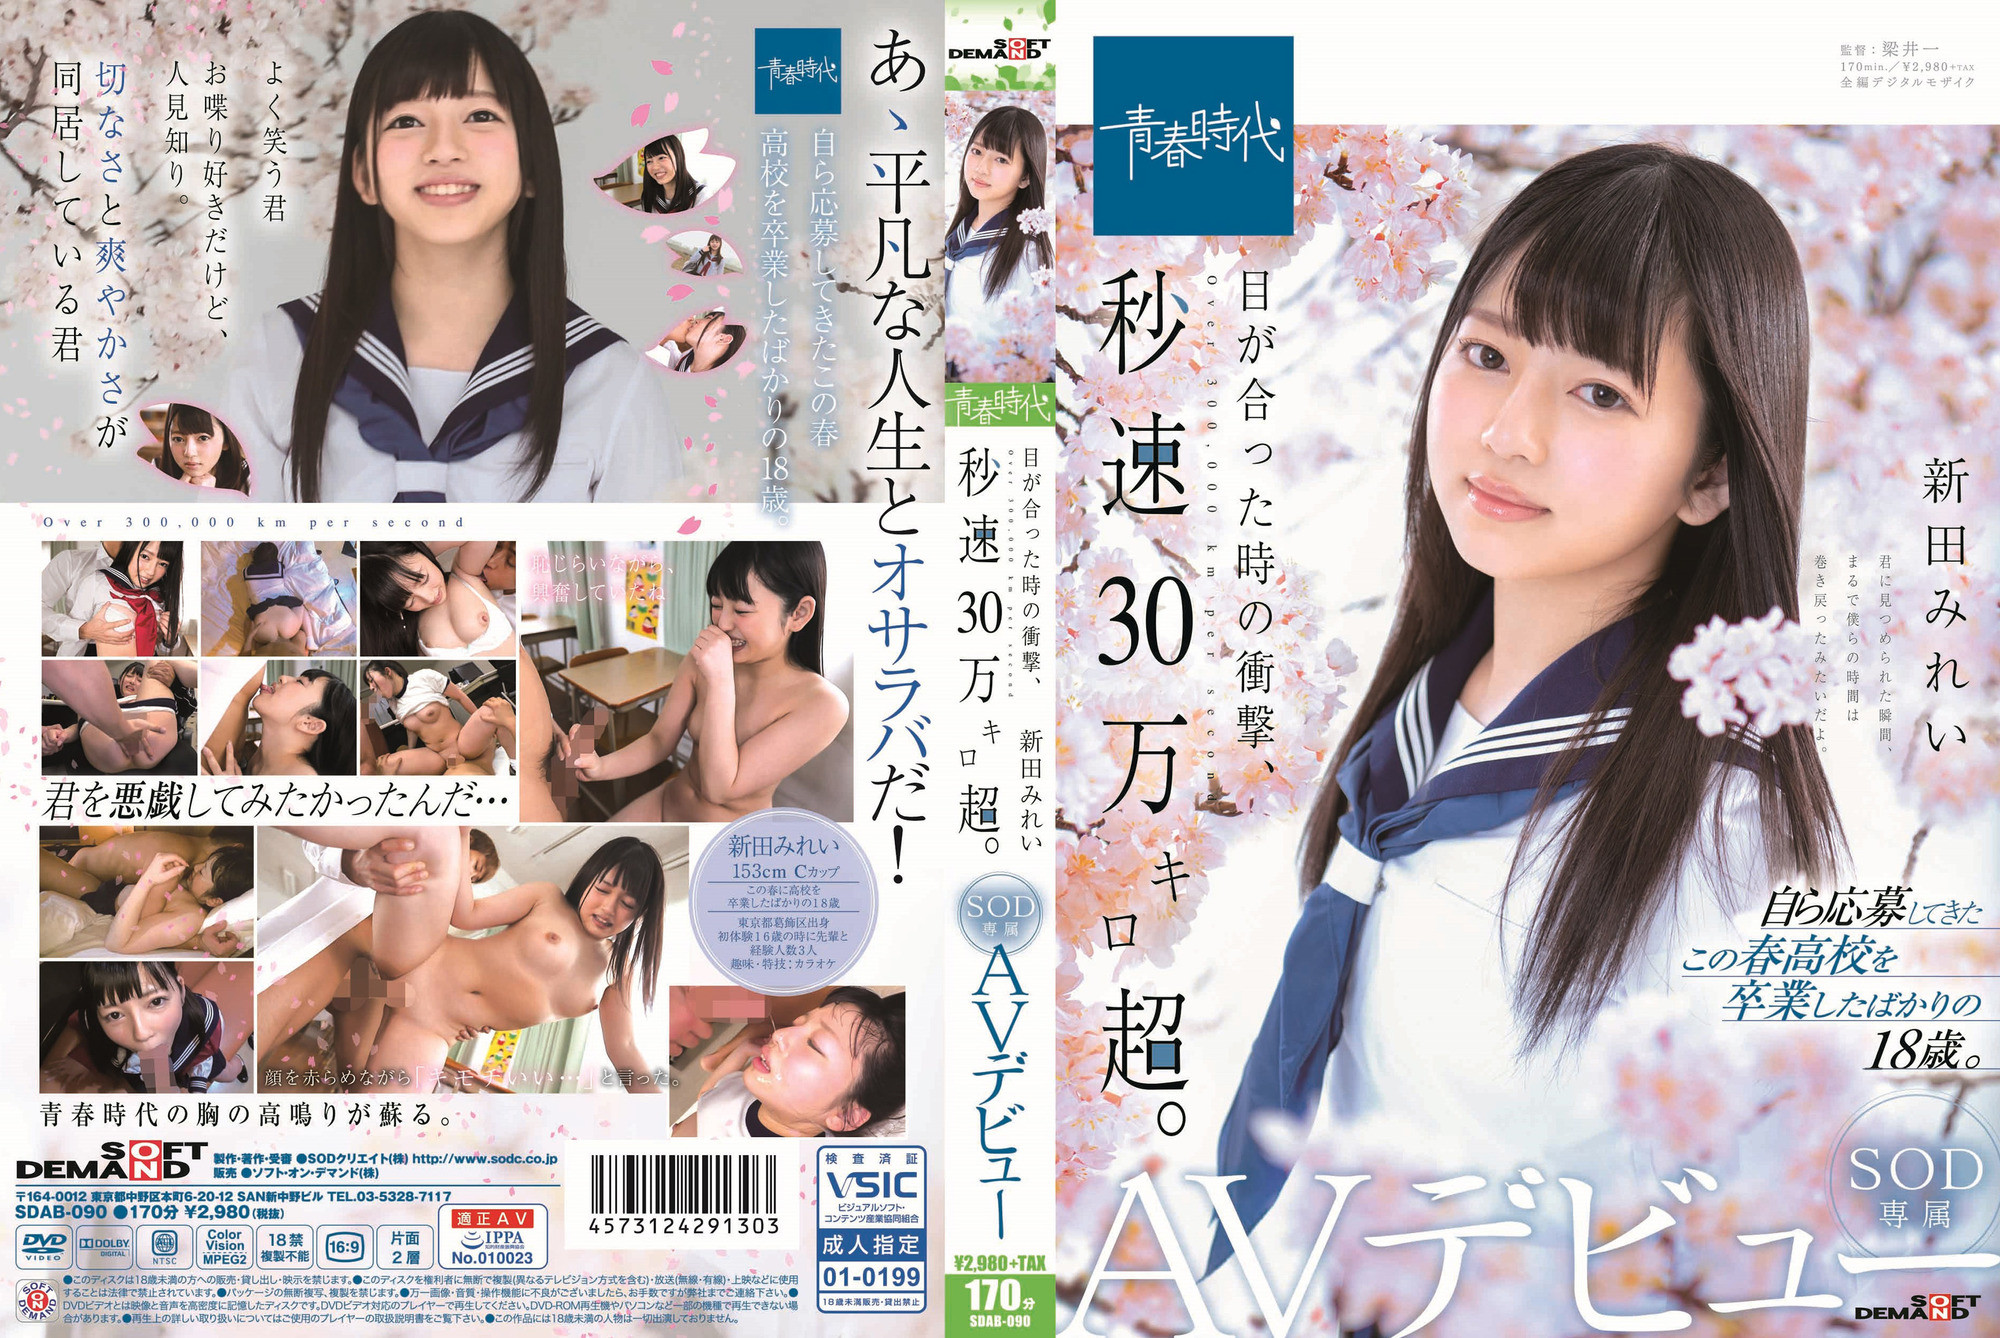 【期間限定】SOD女子社員 浅井心晴が選ぶ 青春時代デビュー作品ベスト!ソクミルだけのお得な『セレクトパック』